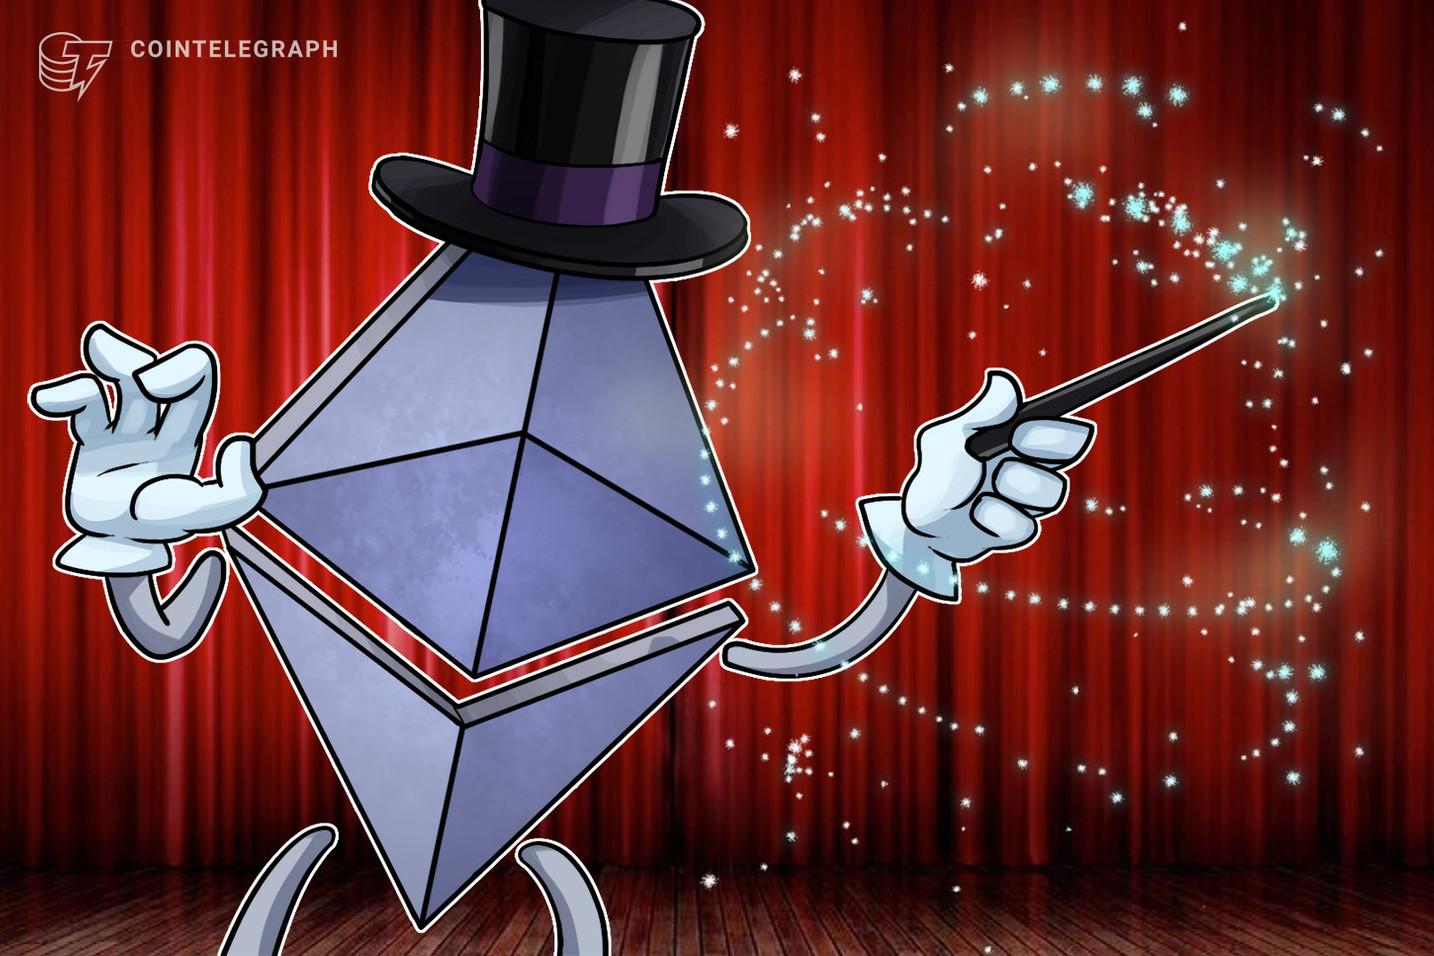 Beliebte Ethereum-DApp MetaMask bald als mobile App erhältlich